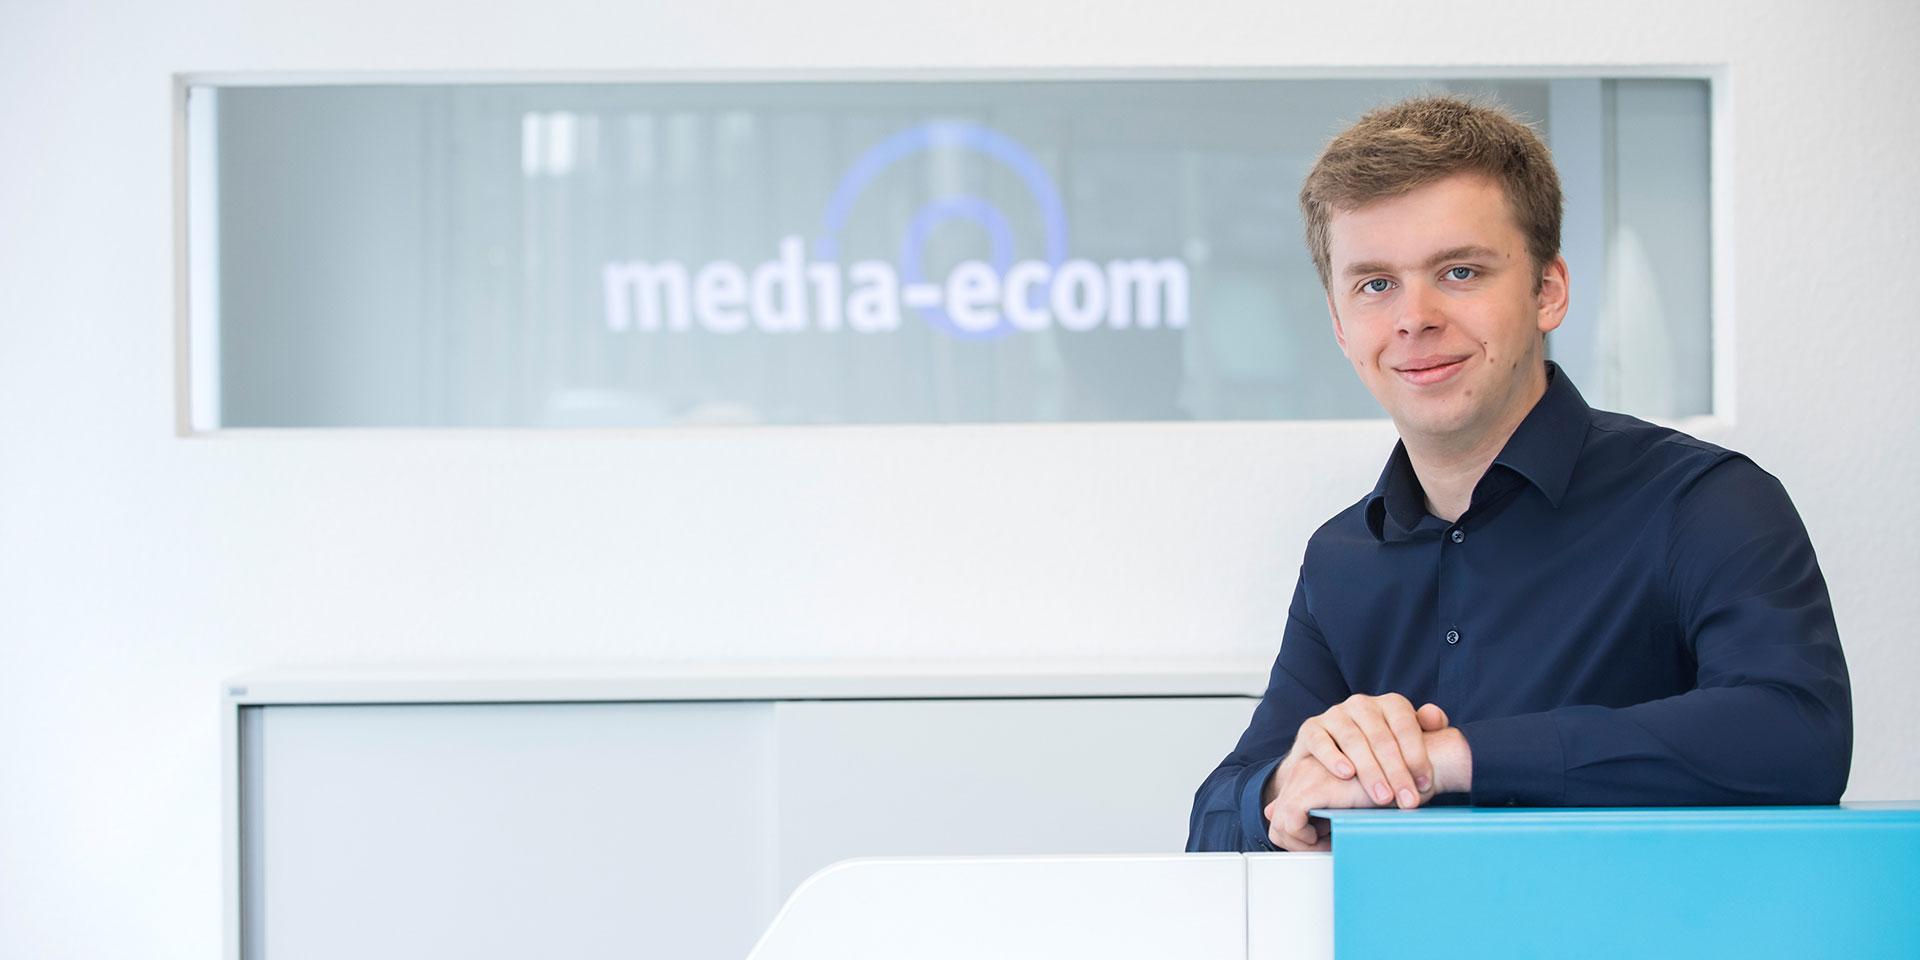 Mitarbeiter der media-ecom GmbH